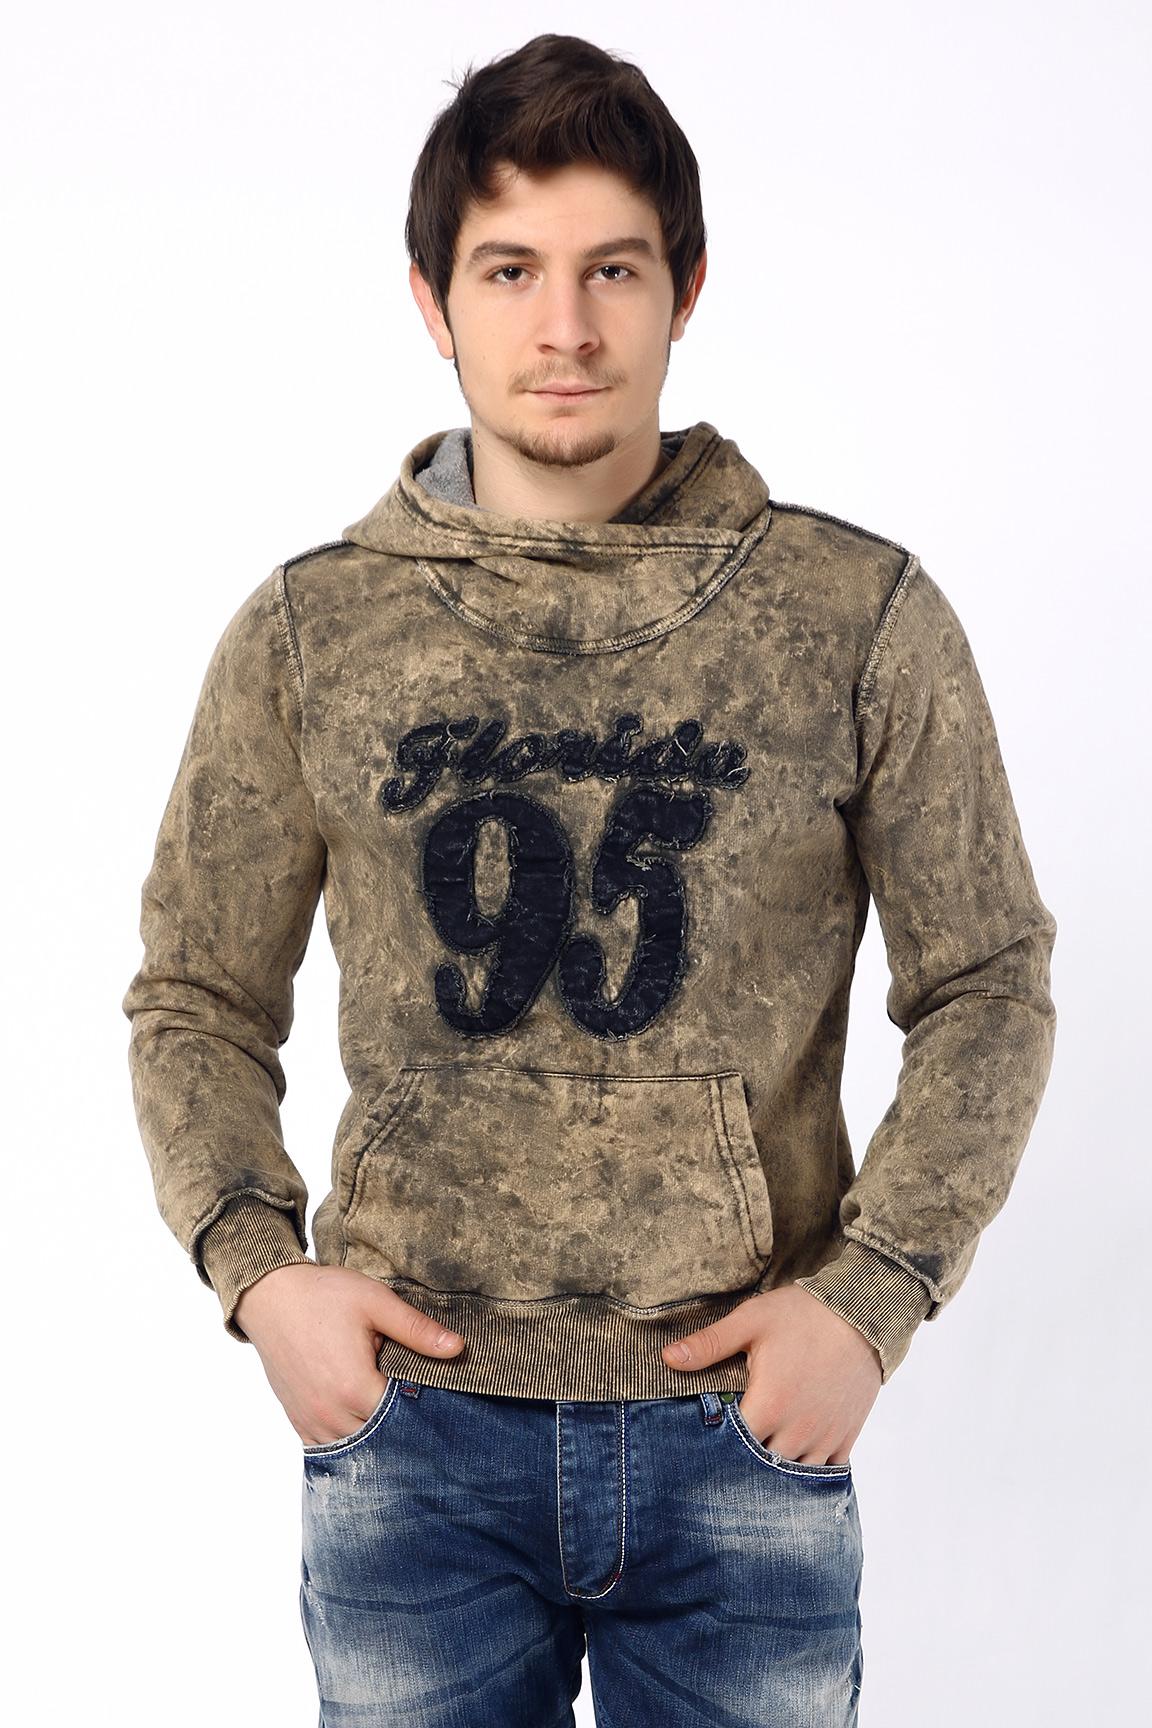 بالصور ملابس رجالية , تعرف علي اشيك موديلات الملابس الرجالي 3463 8